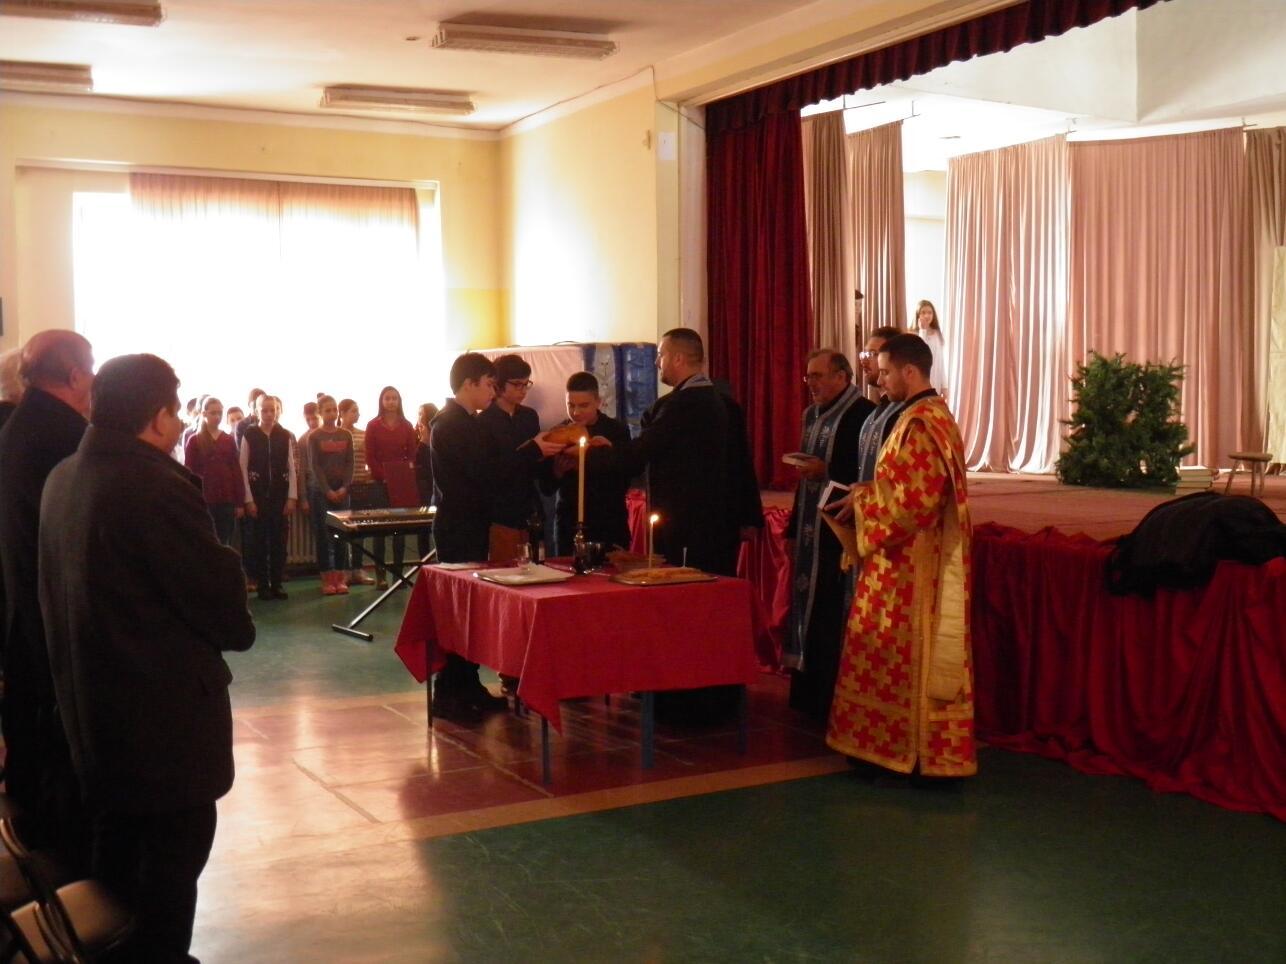 Прославили смо школску славу - Светог Саву